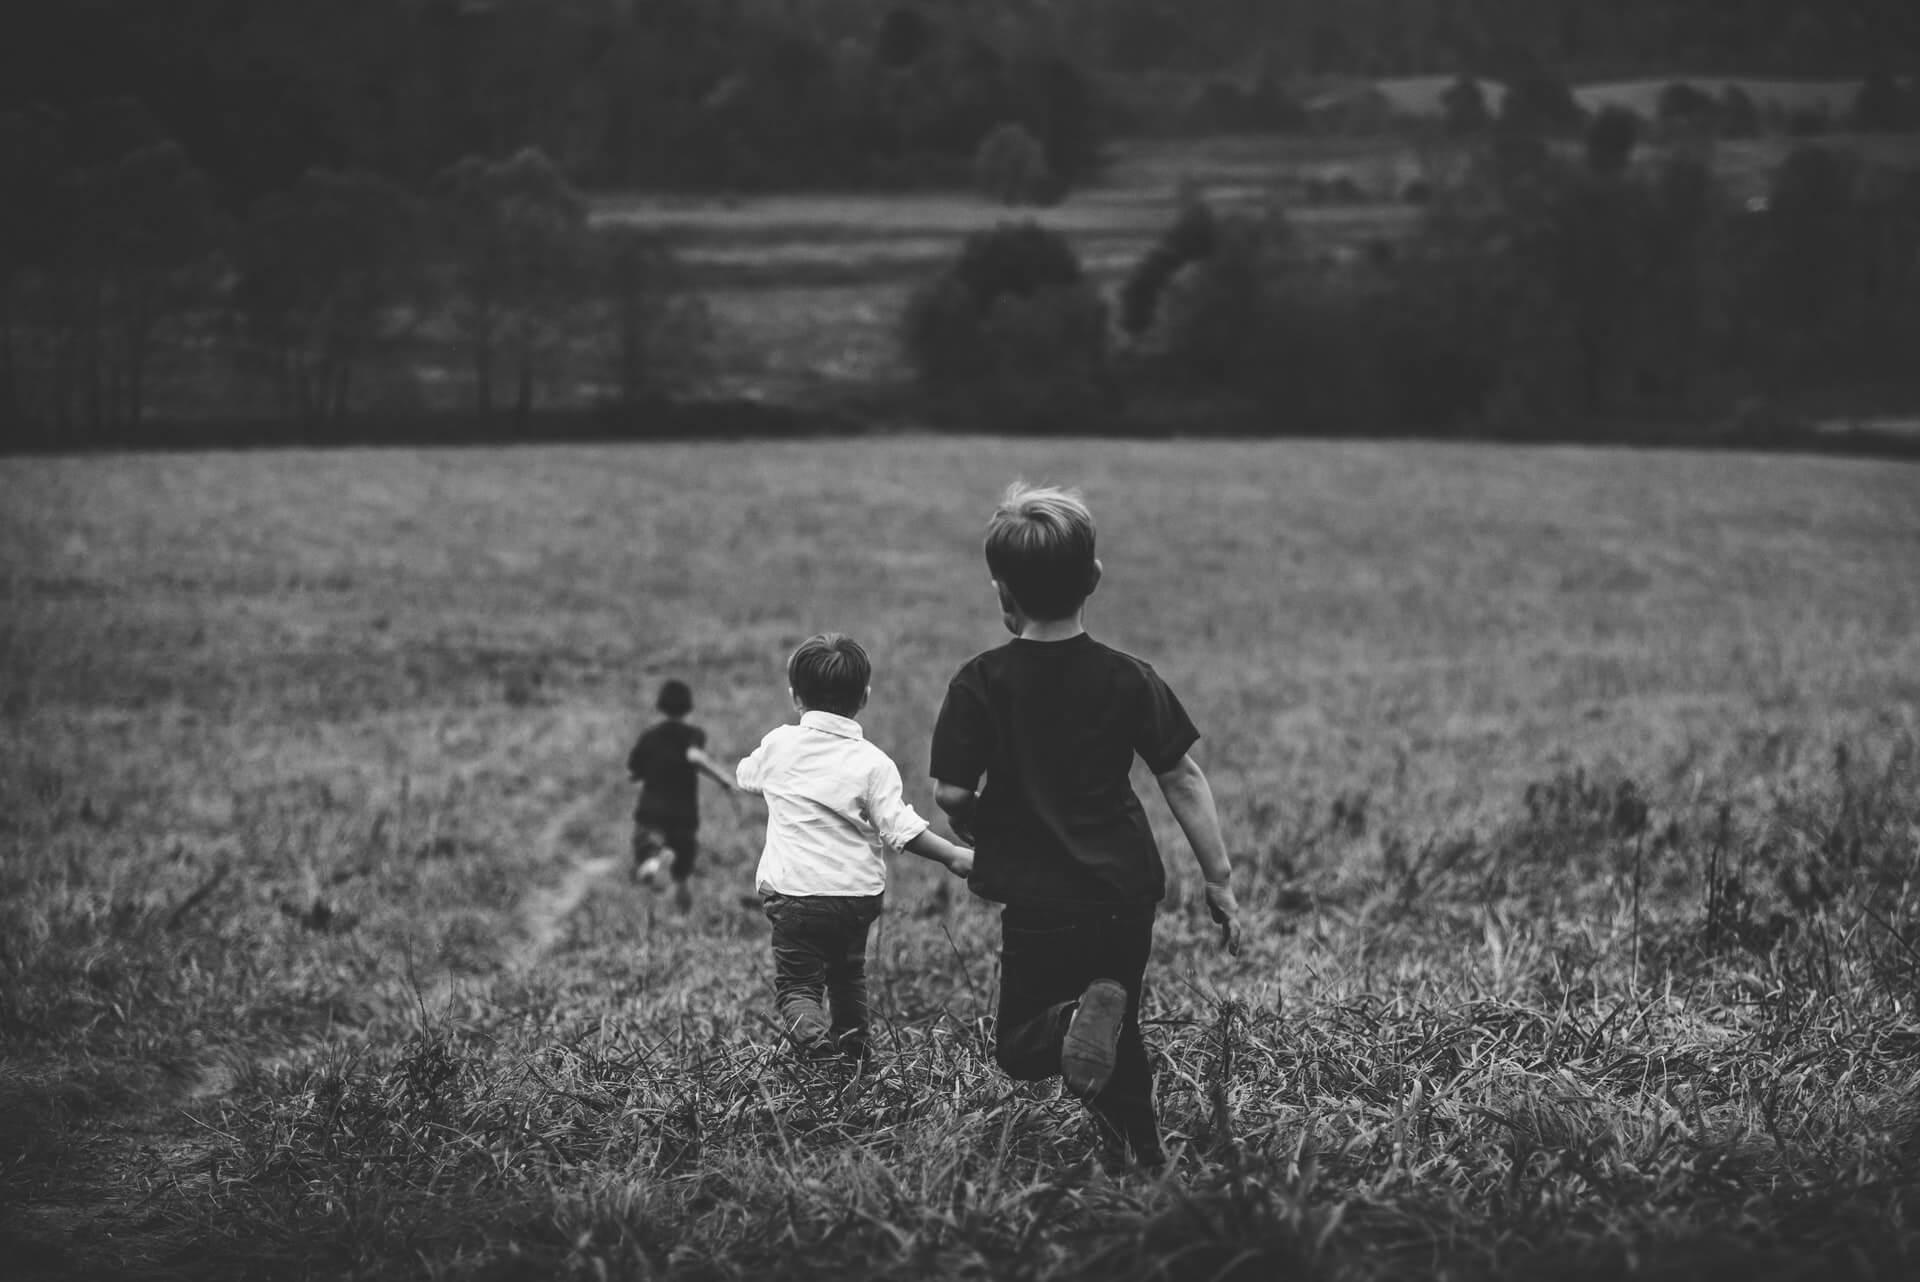 enfants, tout-petits, jouer, dehors, noir et blanc